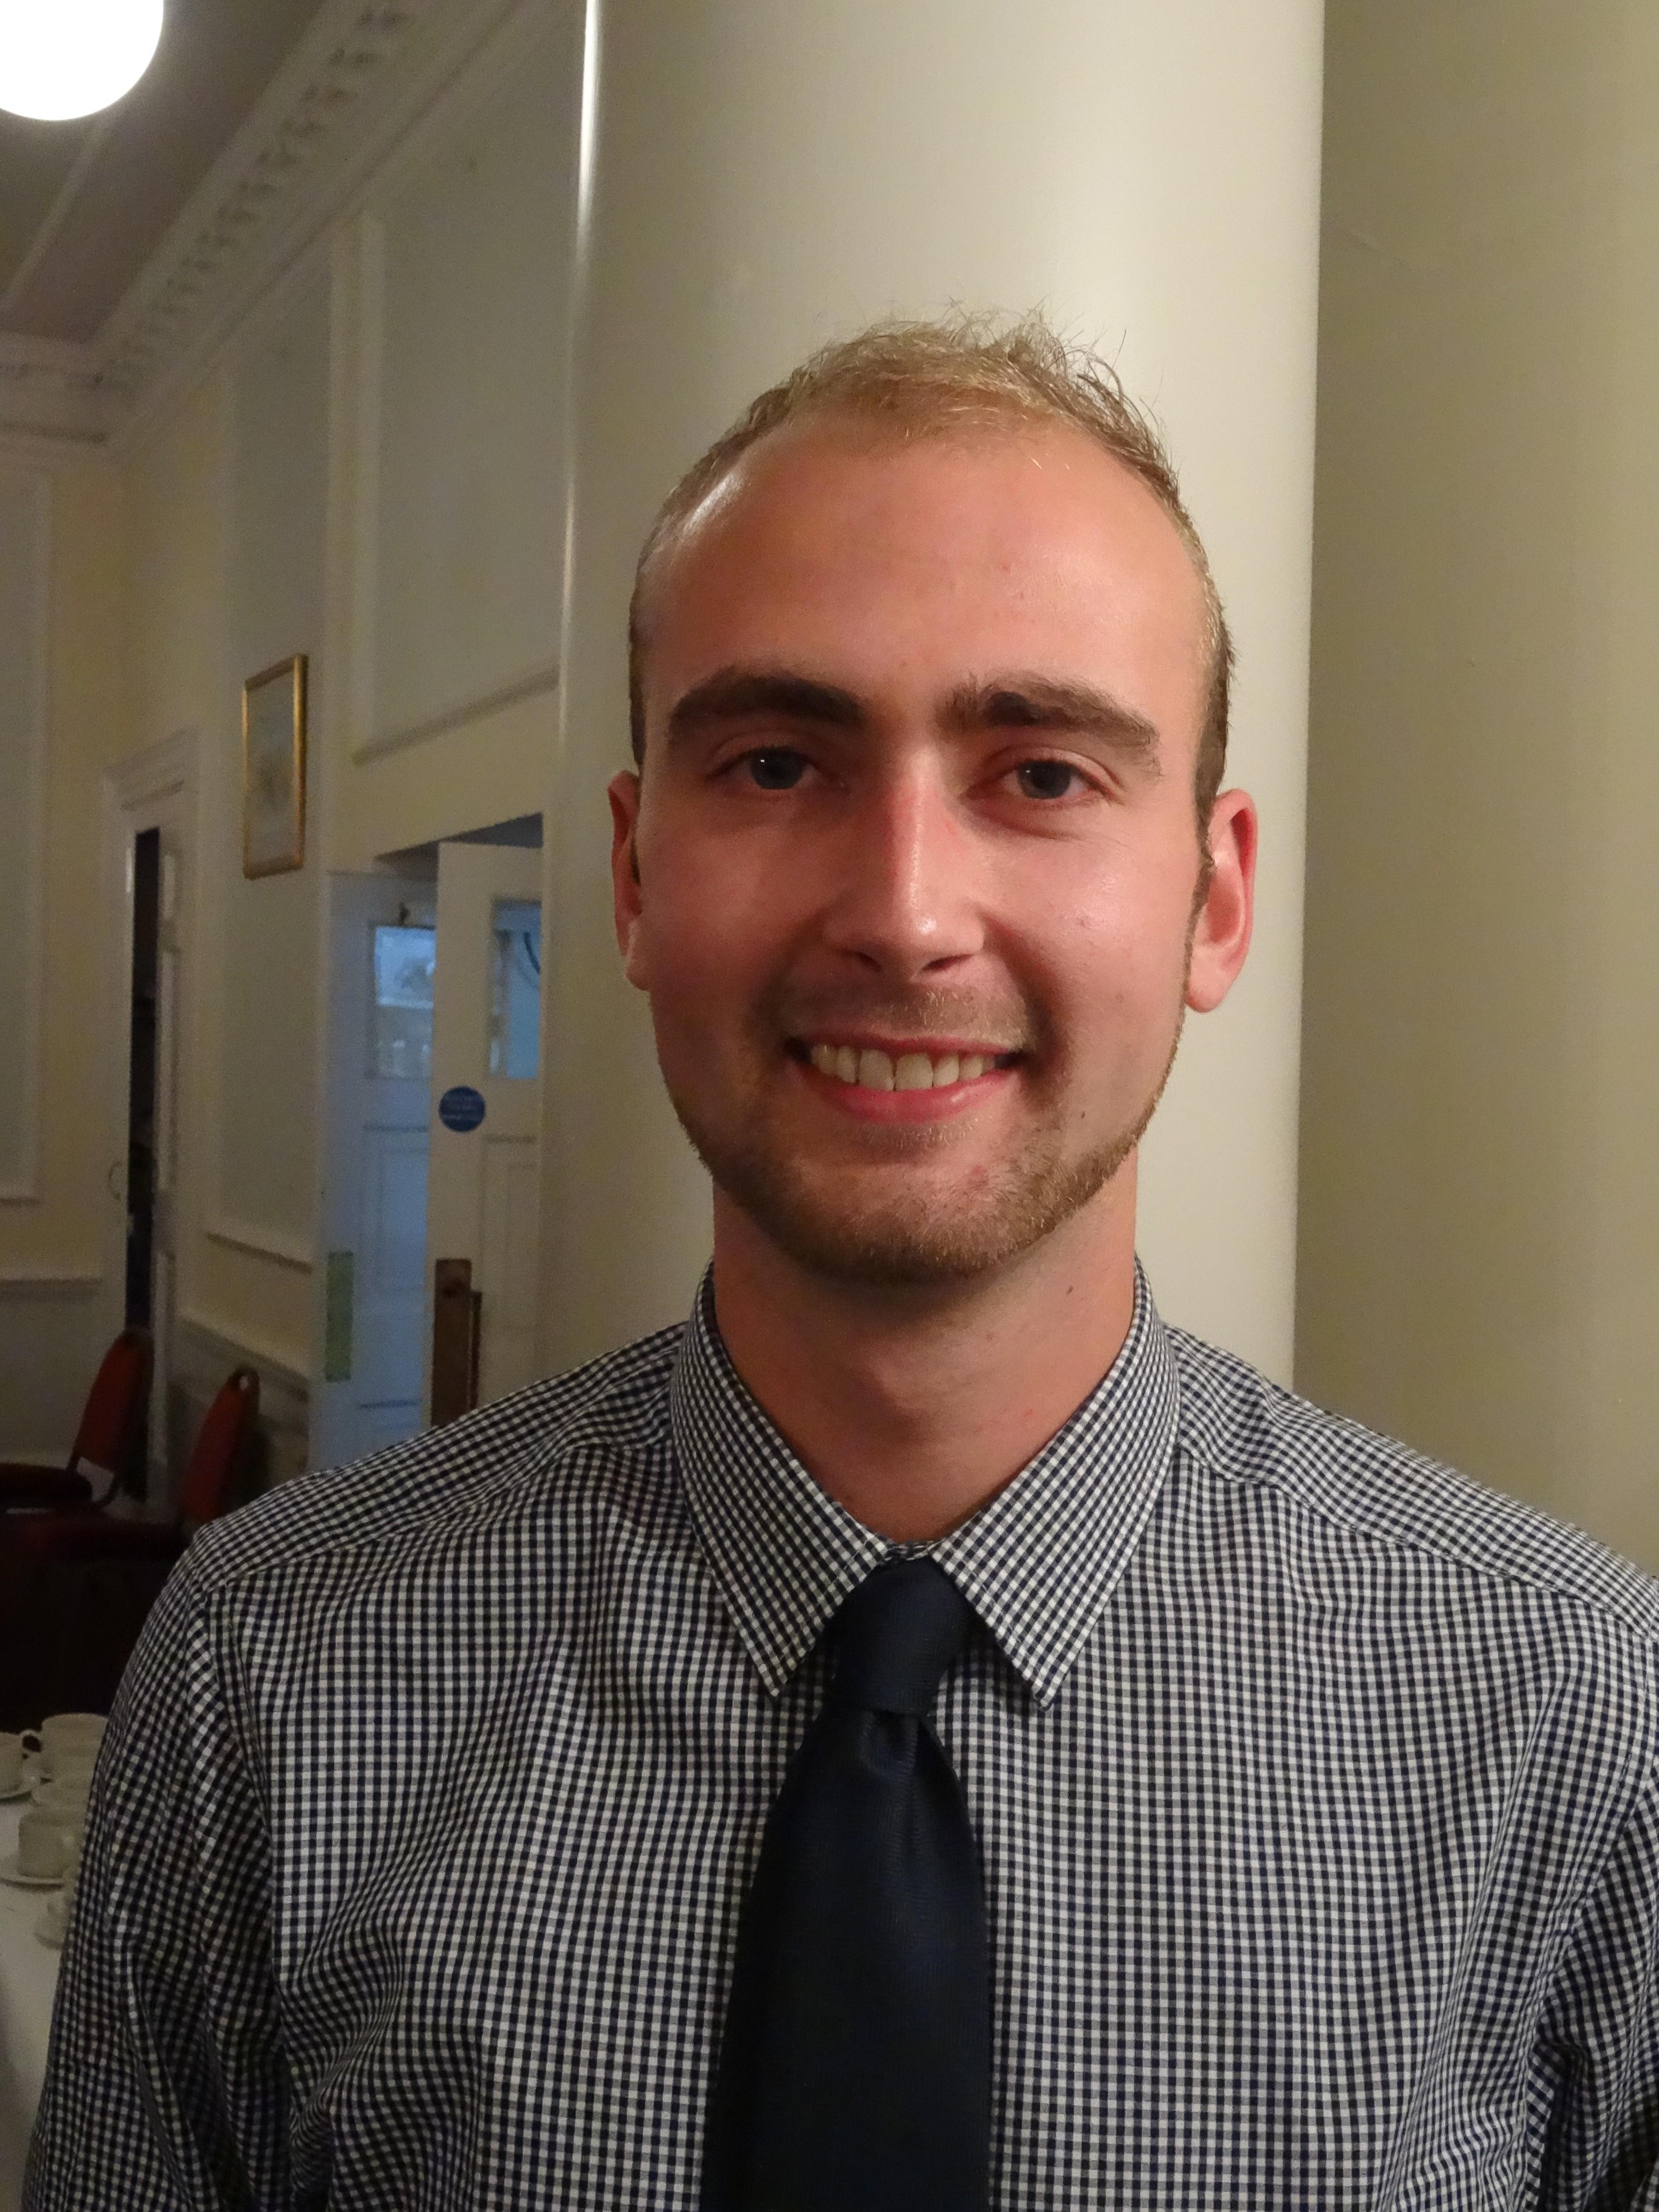 Matthew Frampton